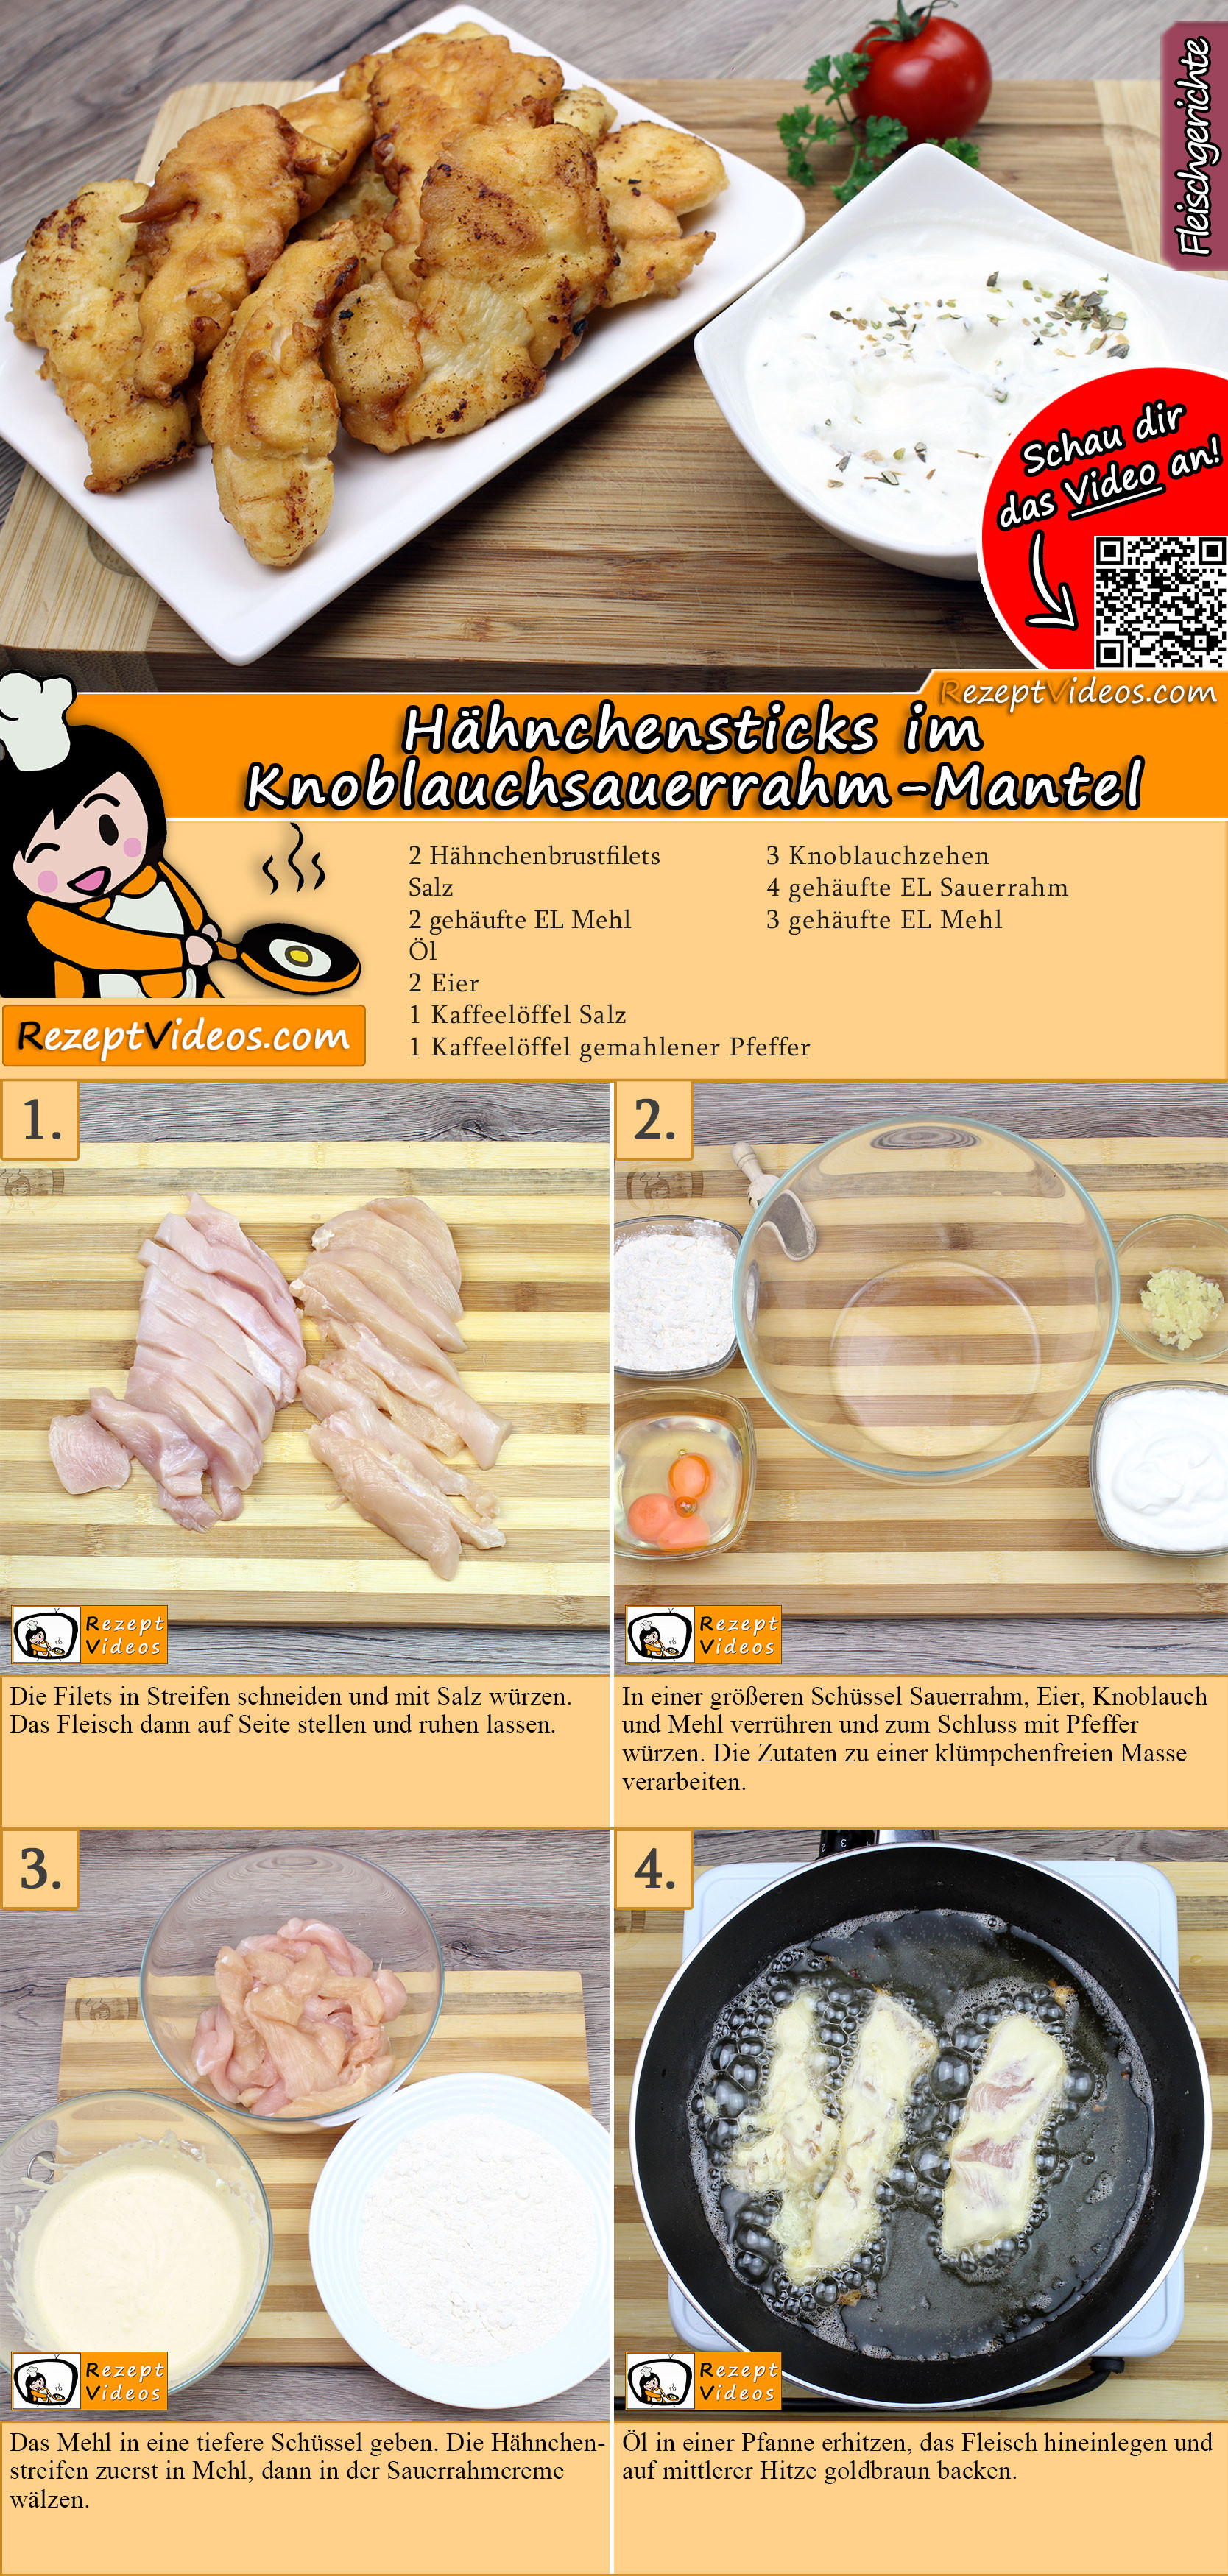 Hähnchensticks im Knoblauchsauerrahm-Mantel Rezept mit Video